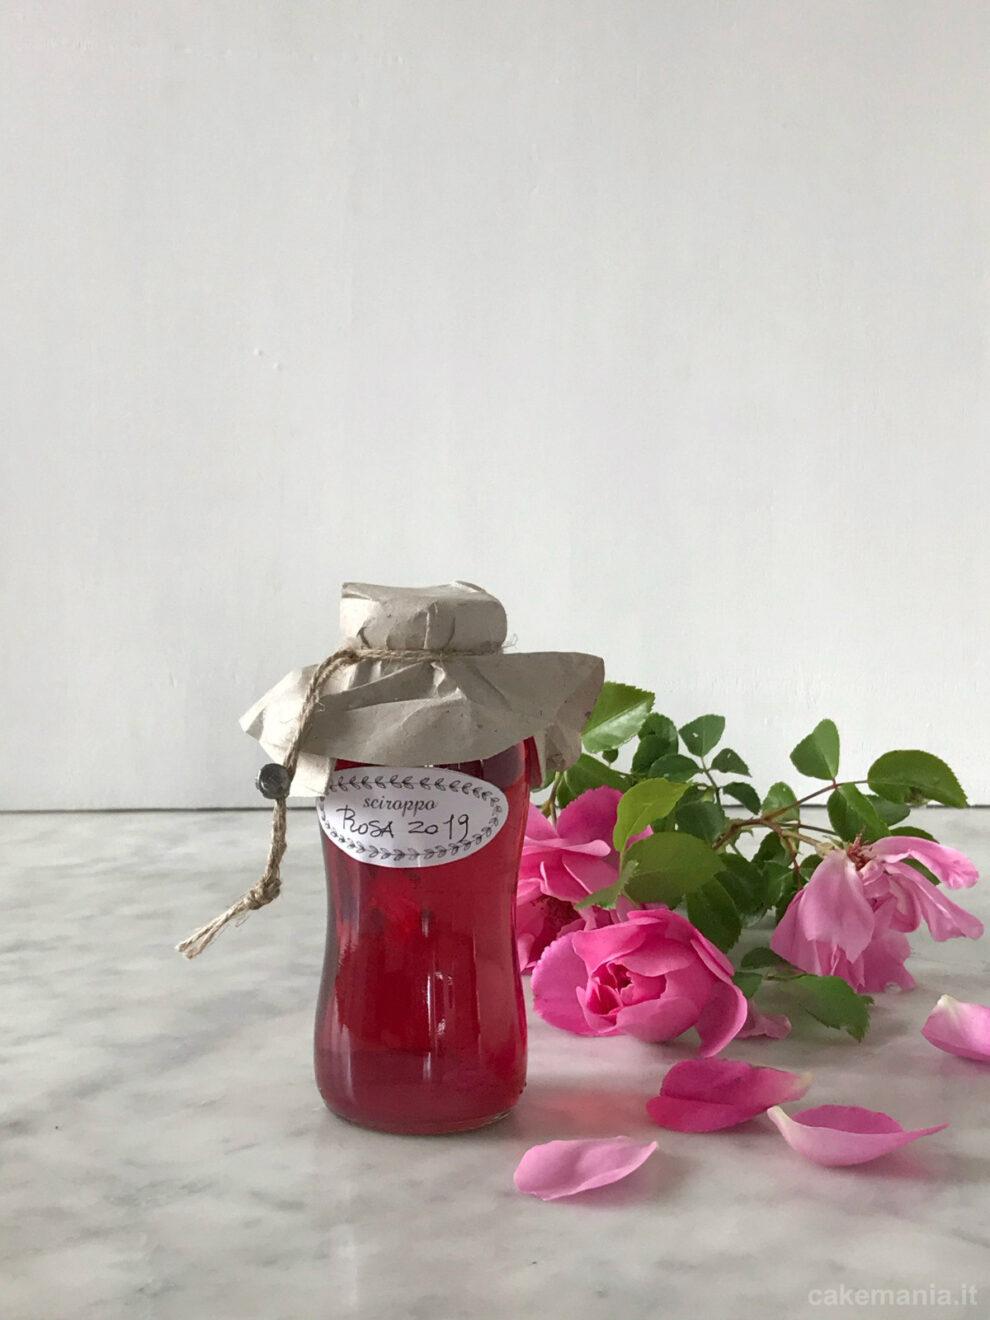 sciroppo di rose aboutgarden